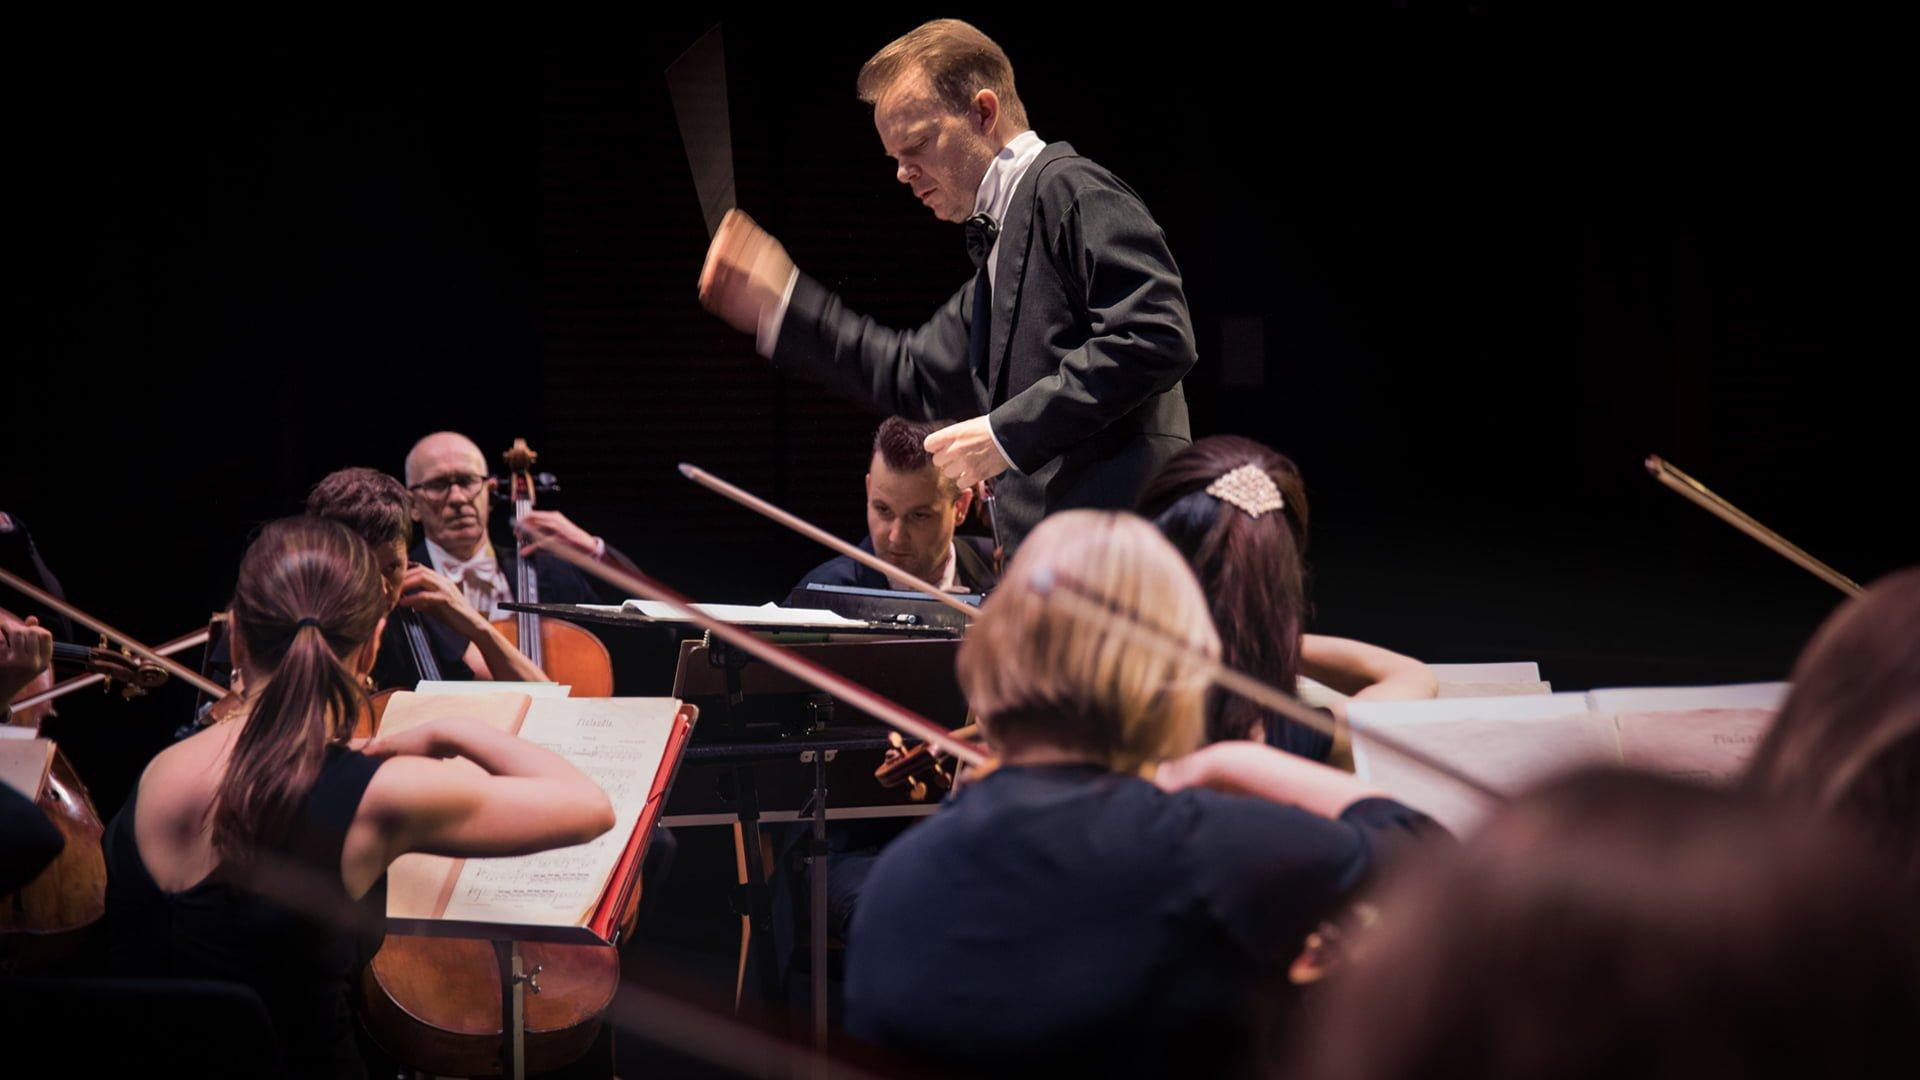 Mitä kaikkea tekee Kuopion kaupunginorkesteri?